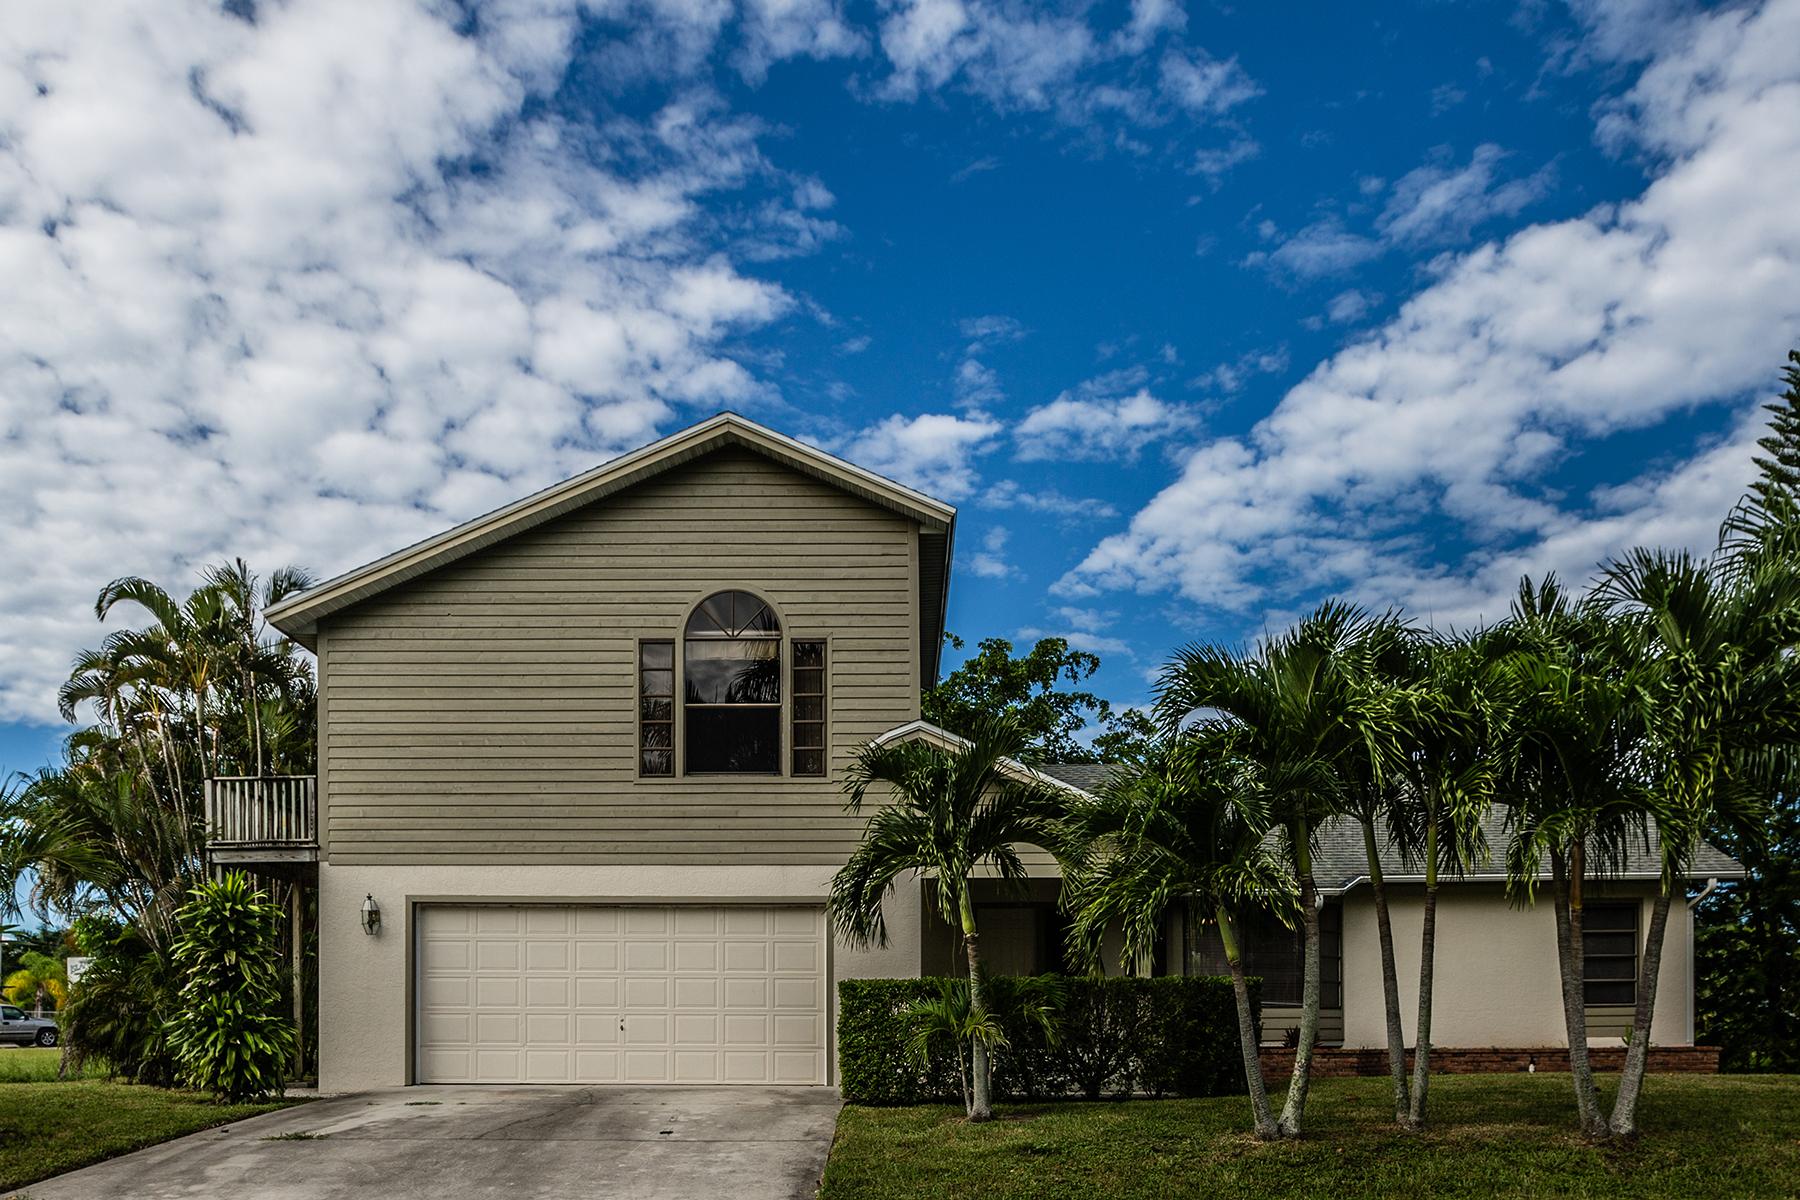 Maison unifamiliale pour l Vente à MARCO ISLAND - COVEWOOD COURT 20 Covewood Ct Marco Island, Florida, 34145 États-Unis